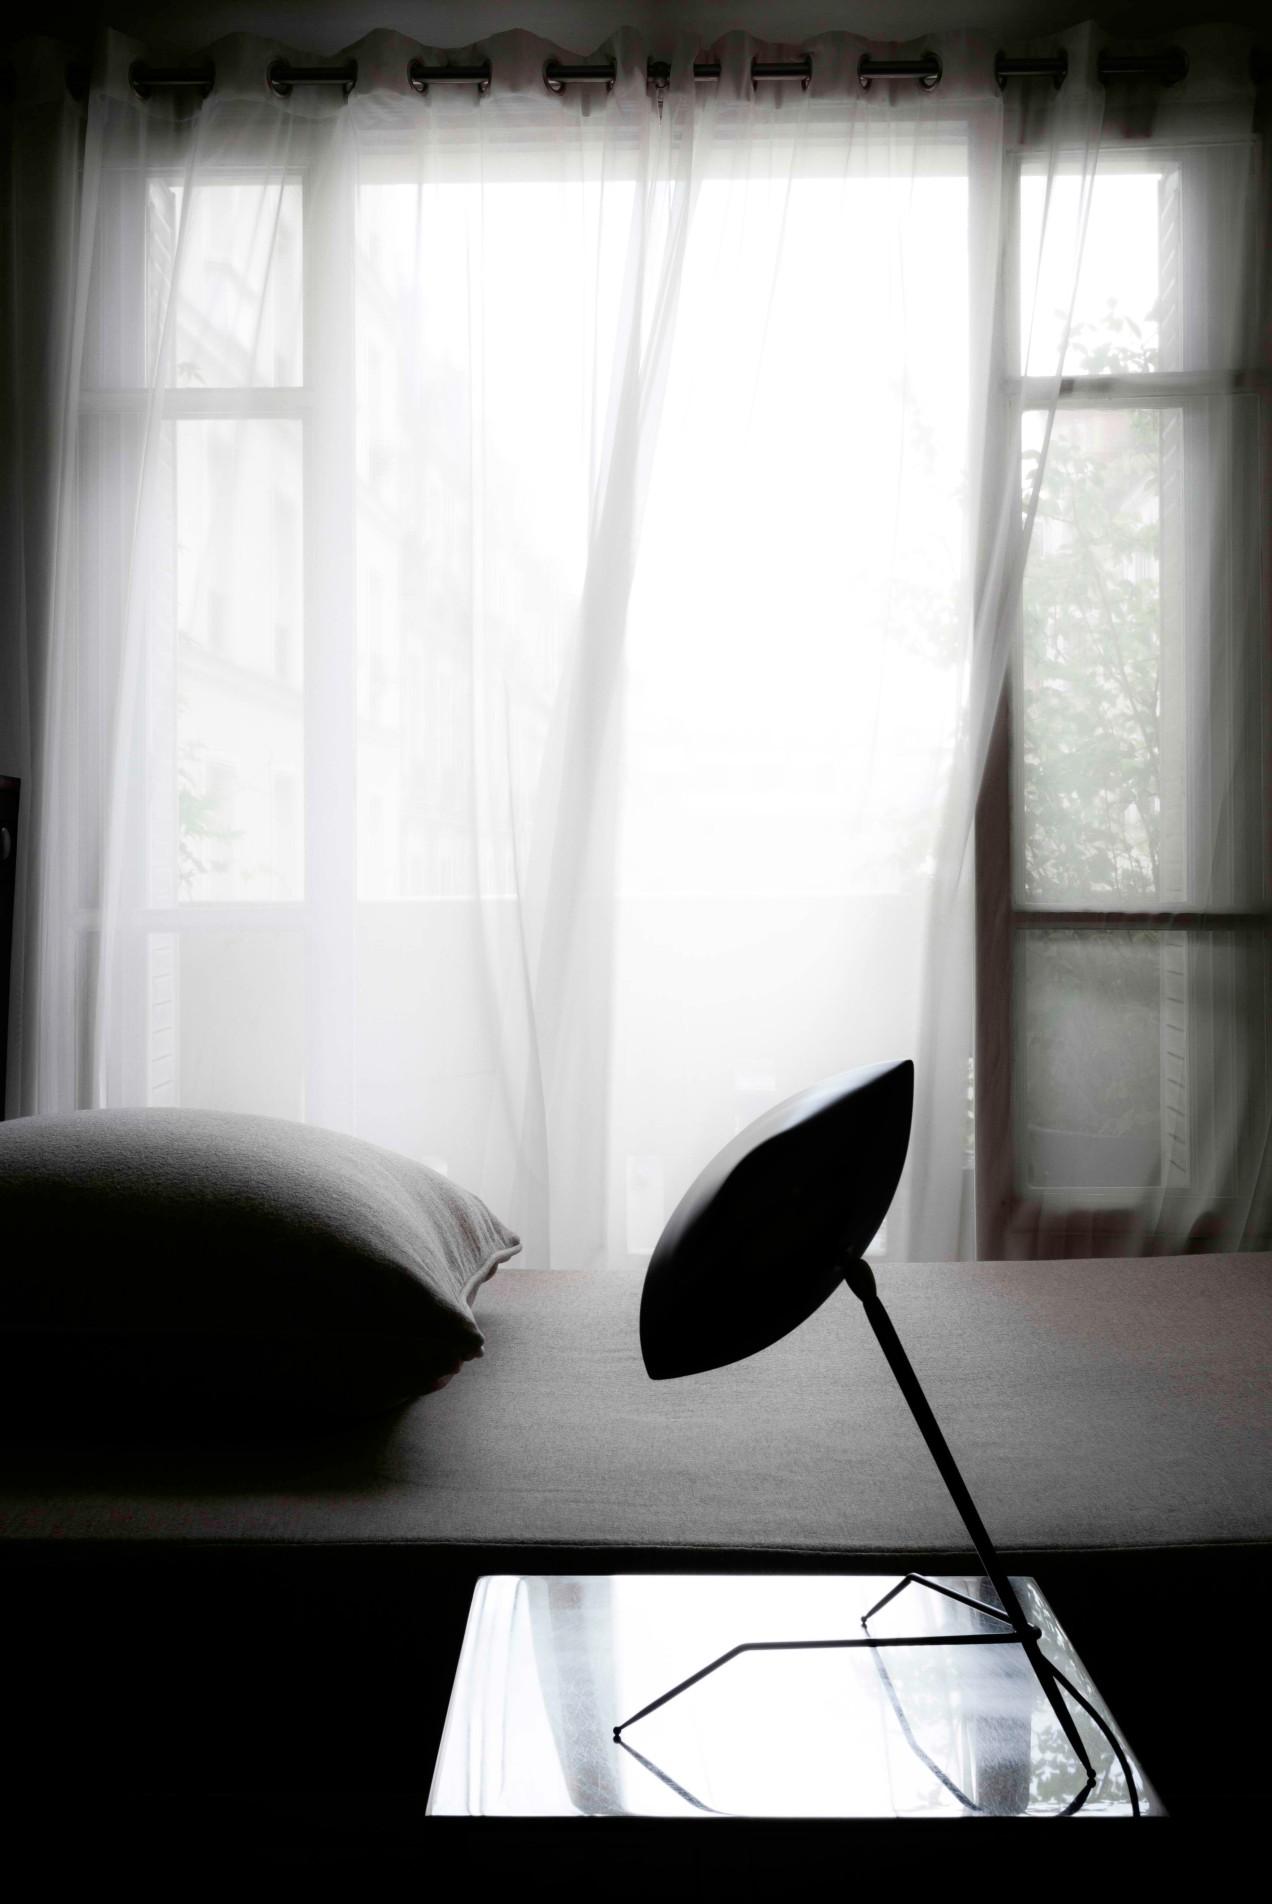 La sieste, Homesweethome, Paris, gildalliere, 2019